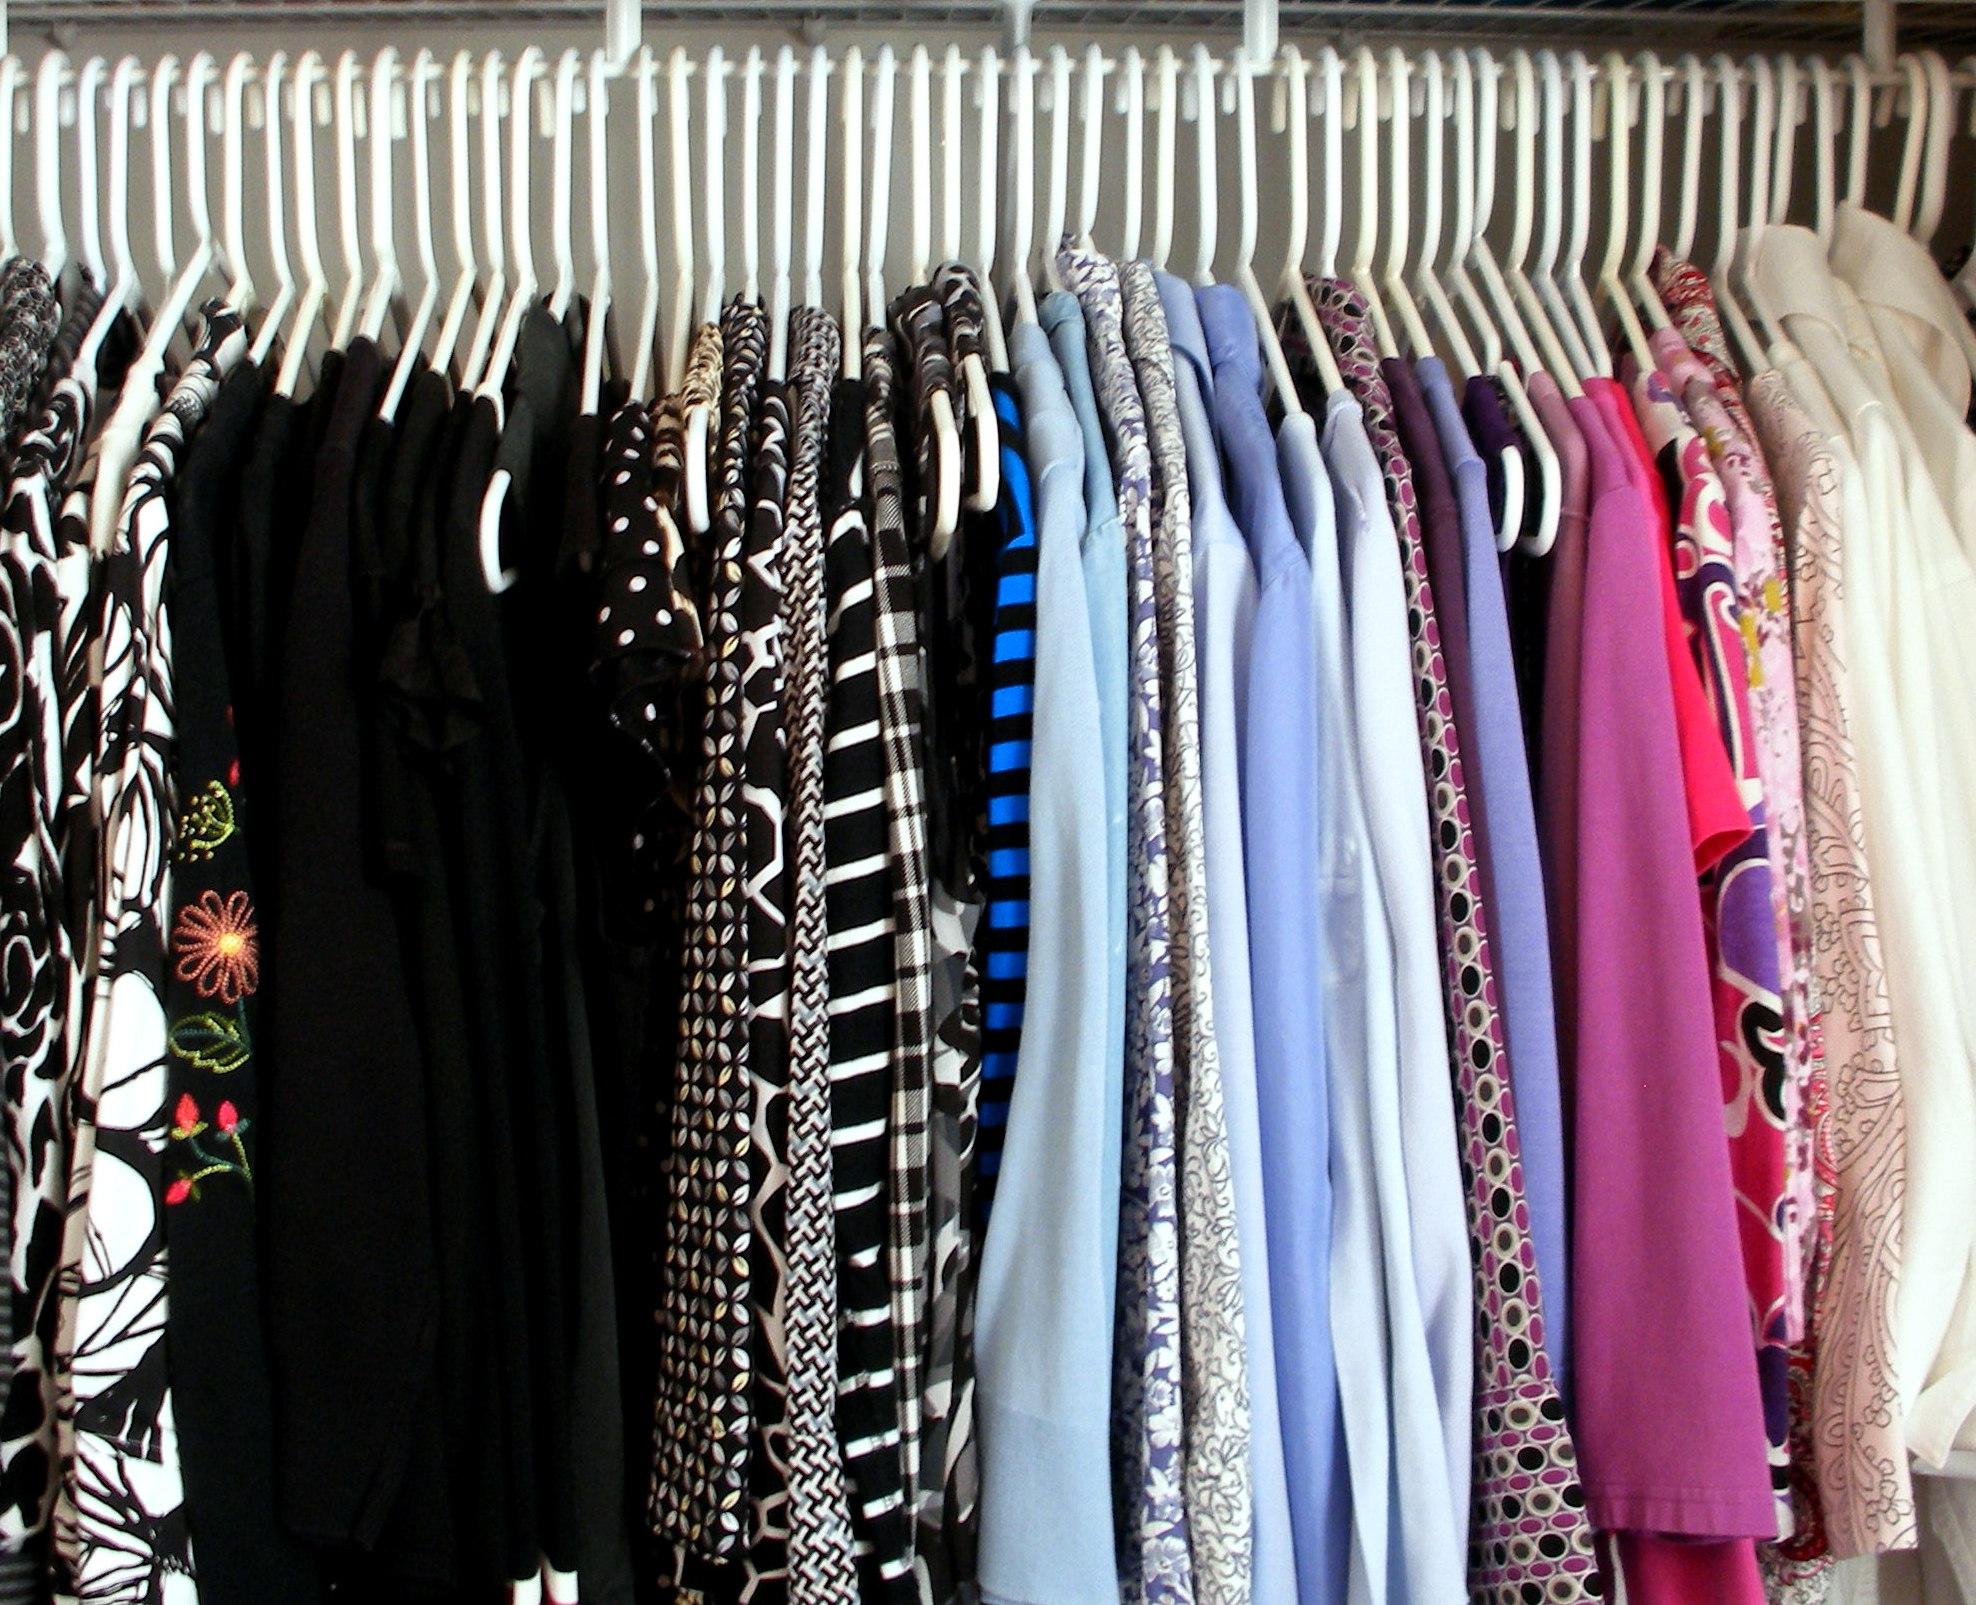 Closet Reorganization Hanging Clothes